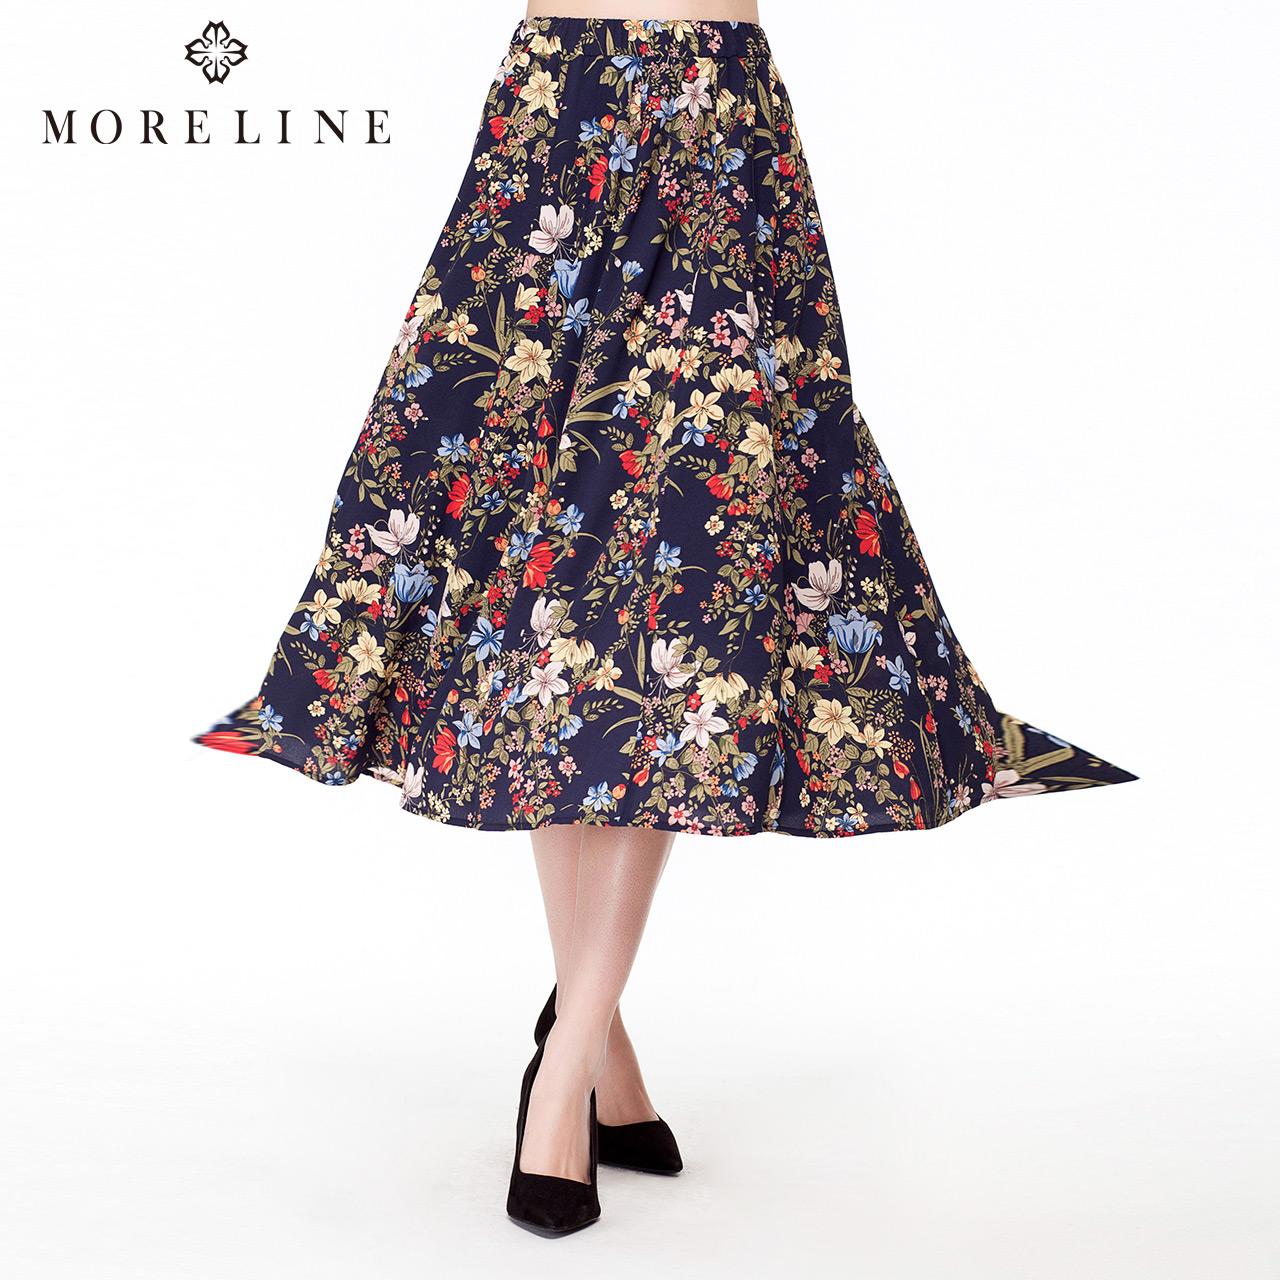 商场同款MORELINE沐兰春季时尚百搭印花女长裙半身裙 明星同款